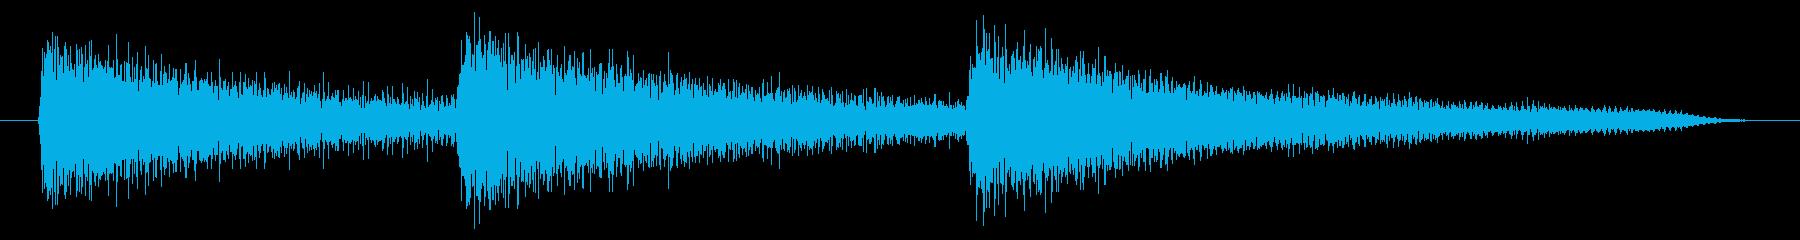 Piano_soloの再生済みの波形